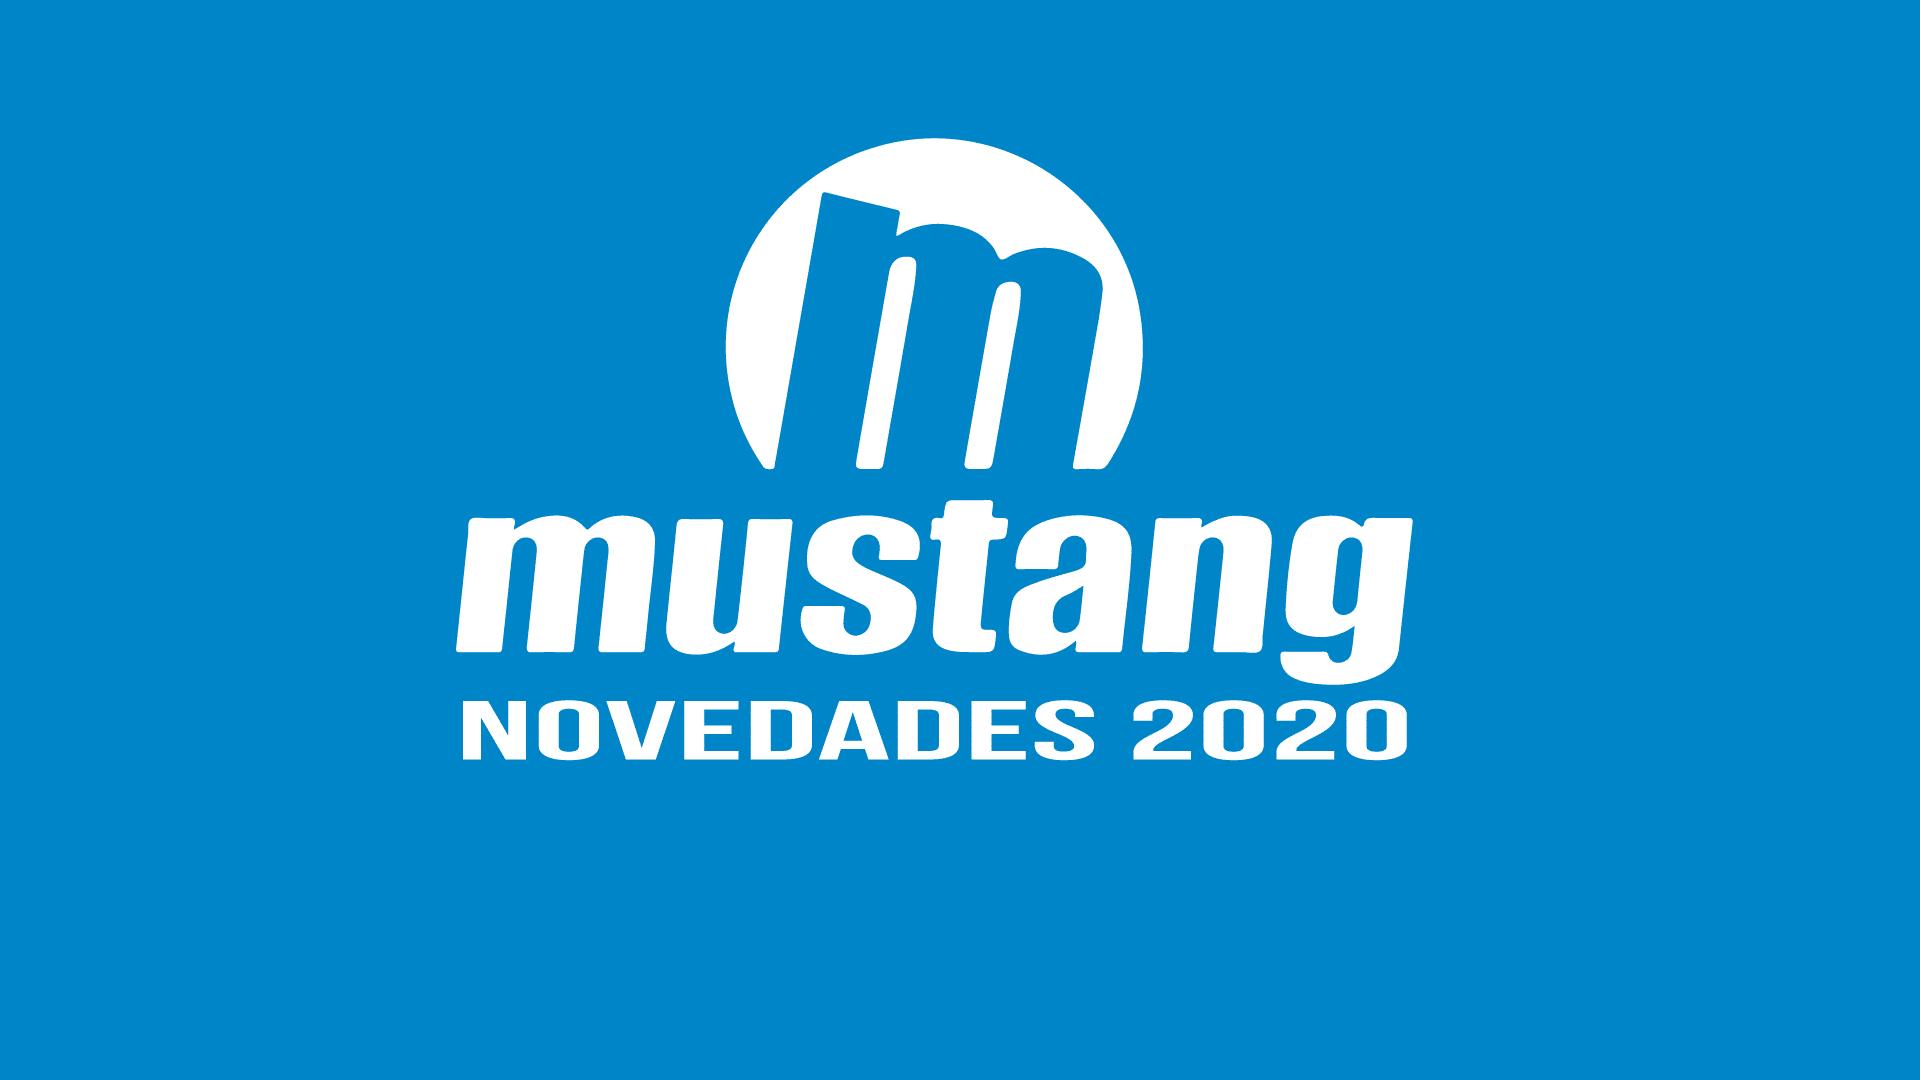 mustang-novedades-primavera-verano-2020